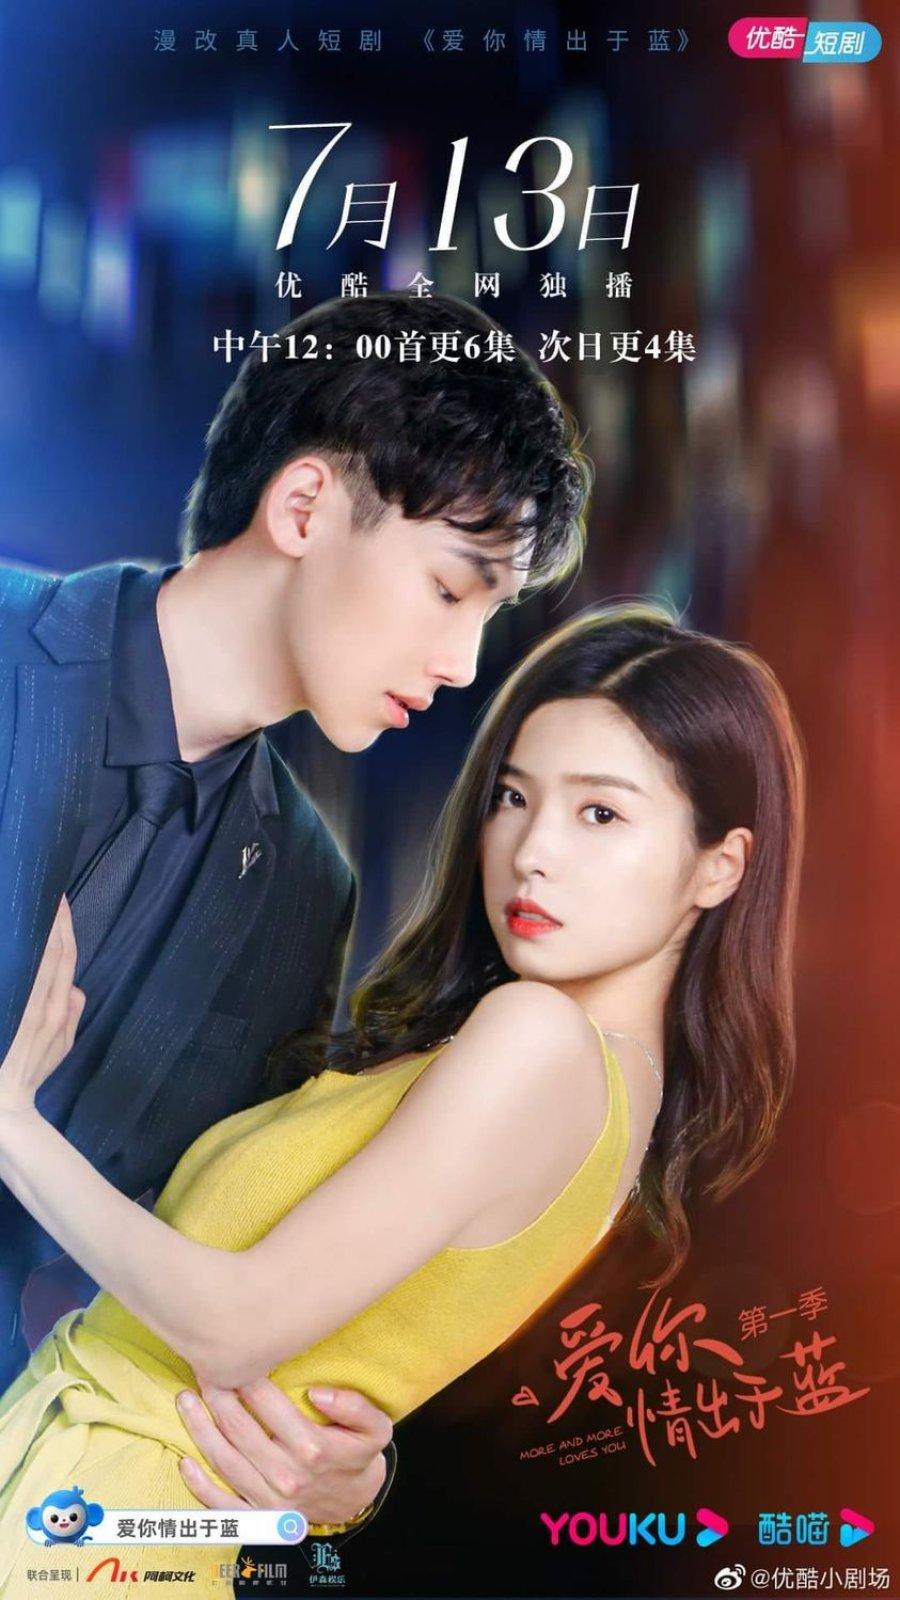 Yêu Em, Tình Này Vì Em - More And More Love's You (2021)